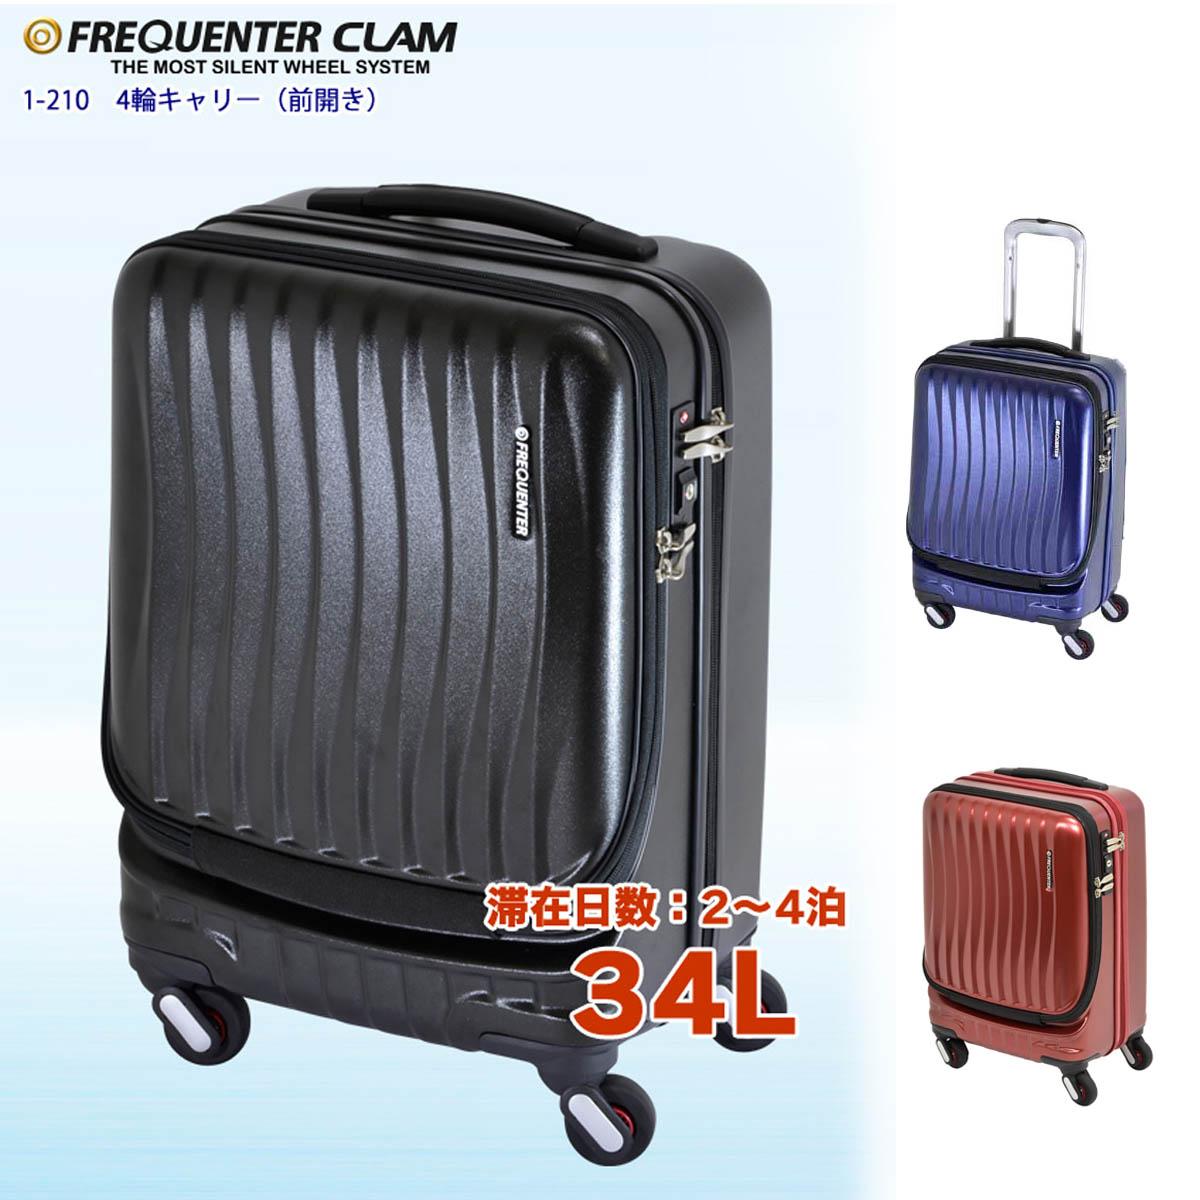 トラベル キャリー 国内線 機内持ち込み 可能サイズ フリクエントリー FREQUENTER No:1-210 キャリーケース 4輪 46cm 縦型 ノートPC収納可能 静か エンドー鞄